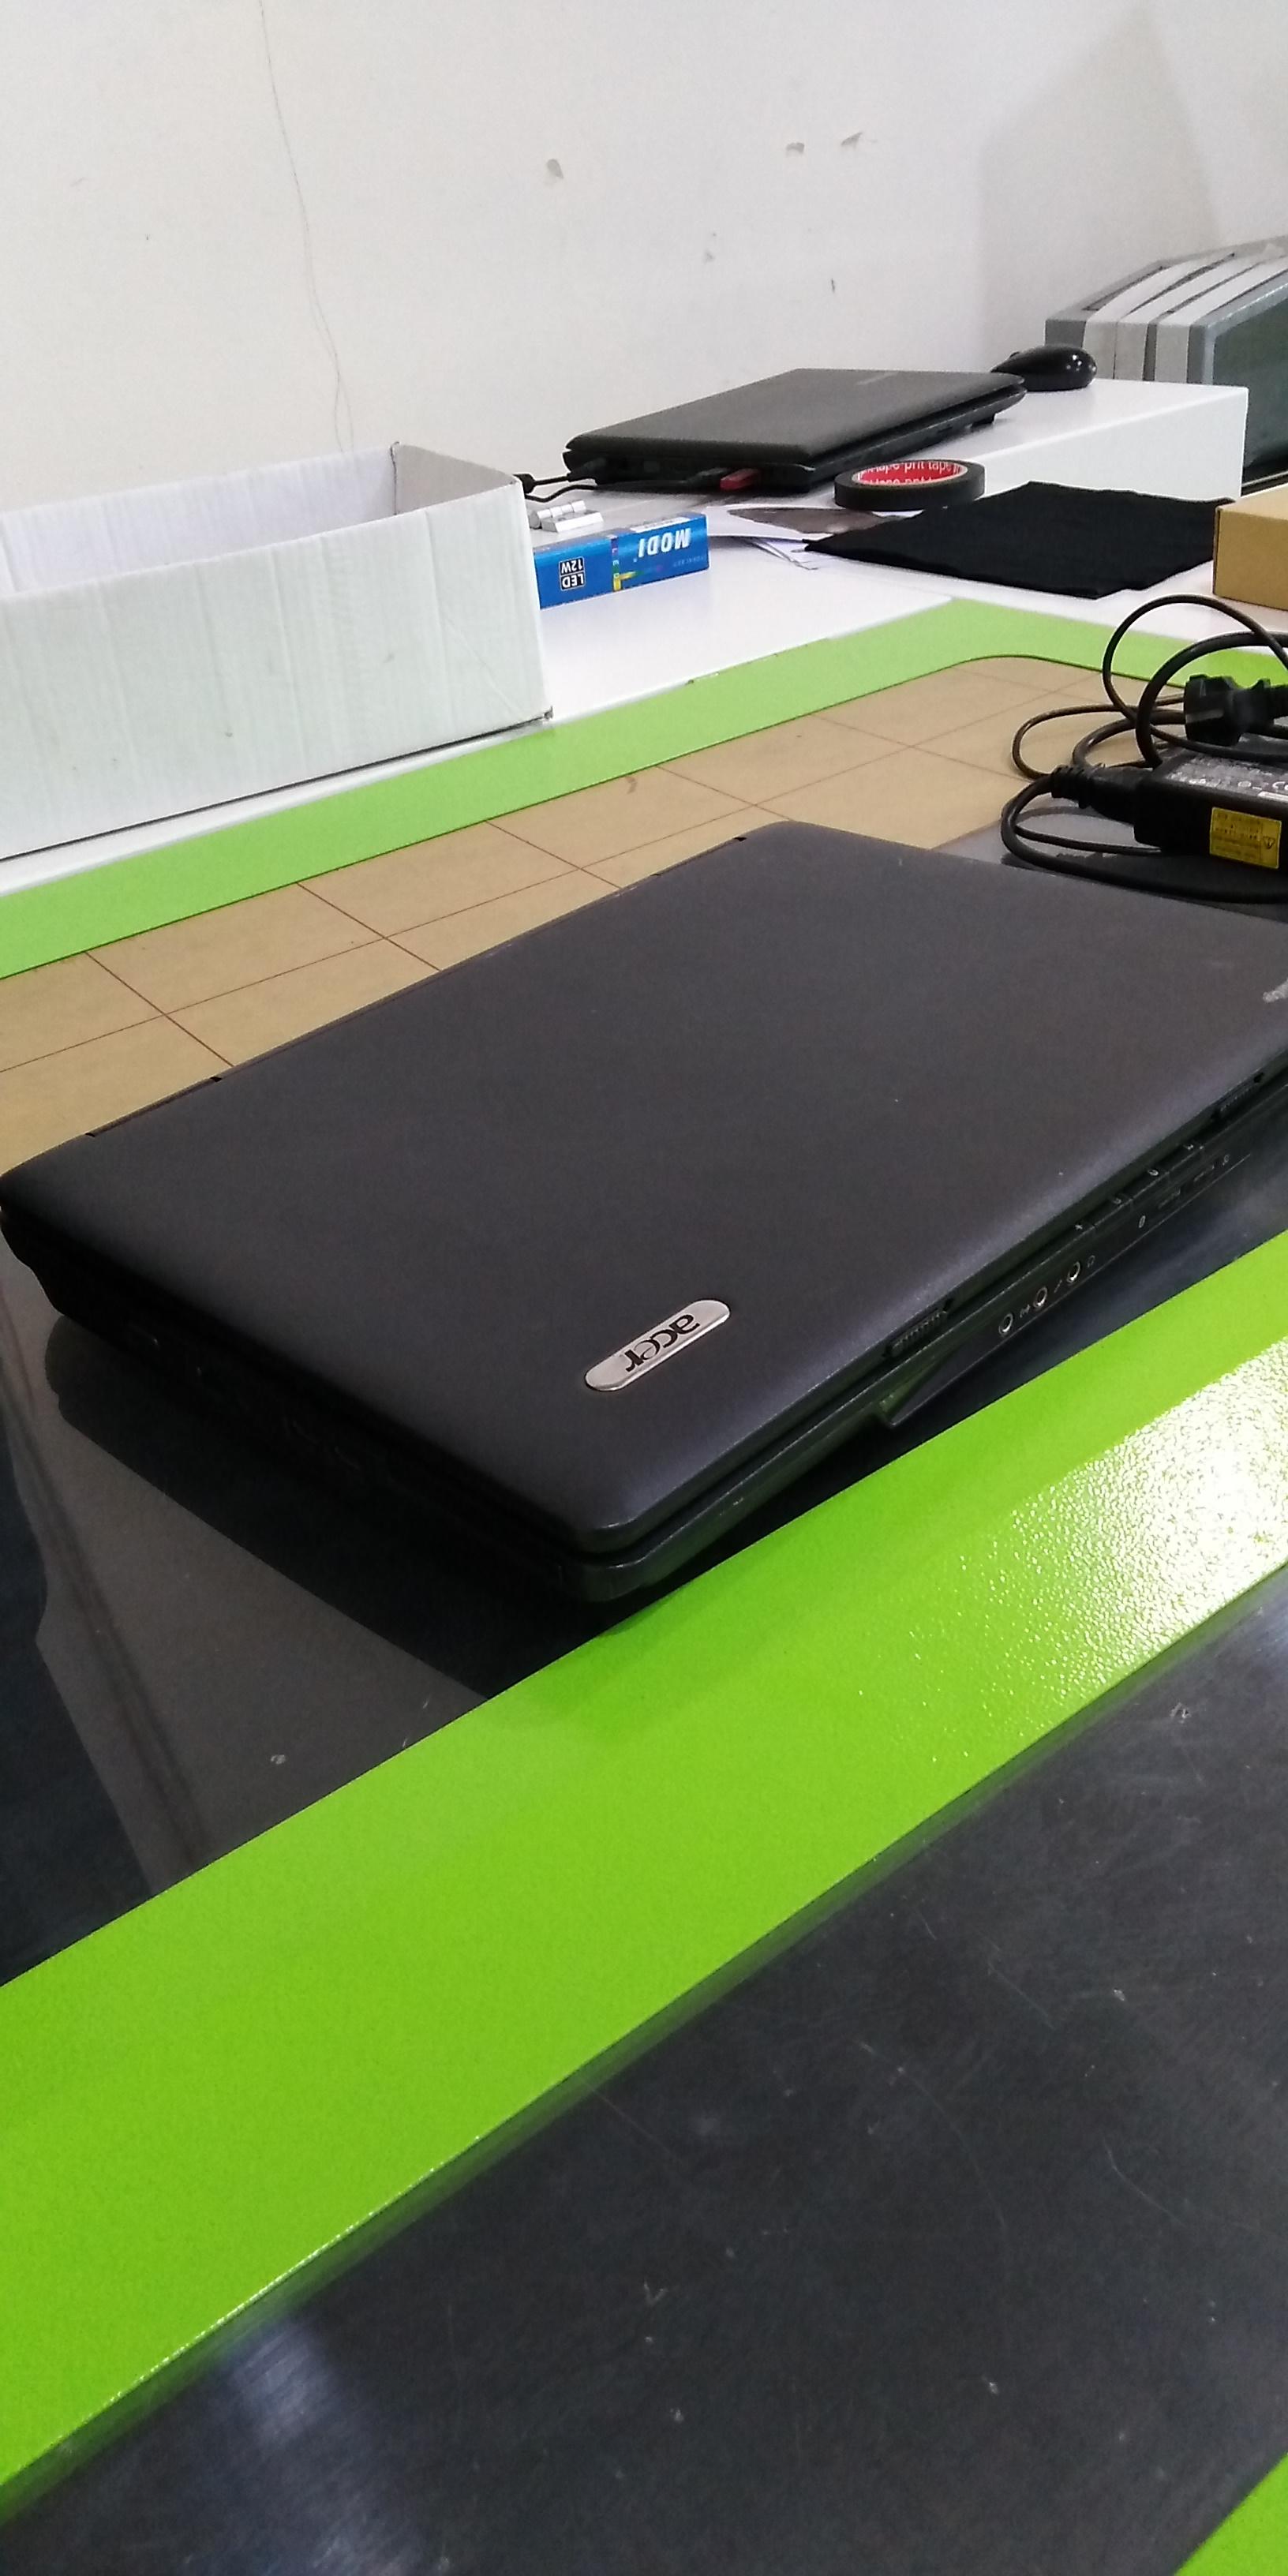 Dual 2 Core 2.00 GHZ, RAM 2GB, HDD 160 GB, WebCamera,